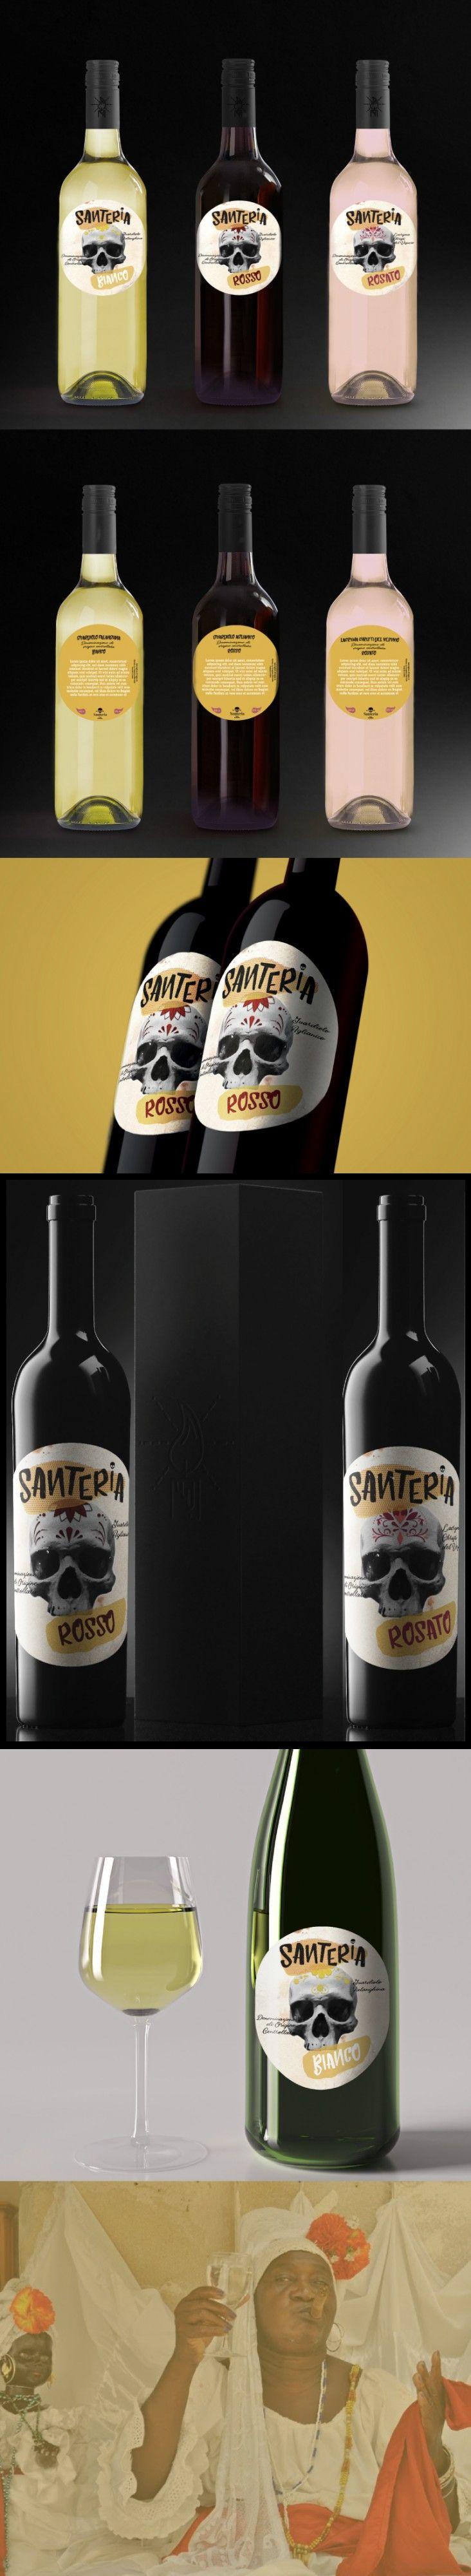 Santeria Wine Production Realizzazione etichette per vino dal nome ´´Santeria´´ - Artwork Dario Aniello Tammaro - Area: Graphic Design  Categorie: Packaging, Elaborazioni grafiche    Corso: Grafica Pubblicitaria e Editoriale Docente di progettazione grafica: Nicola Cozzolino